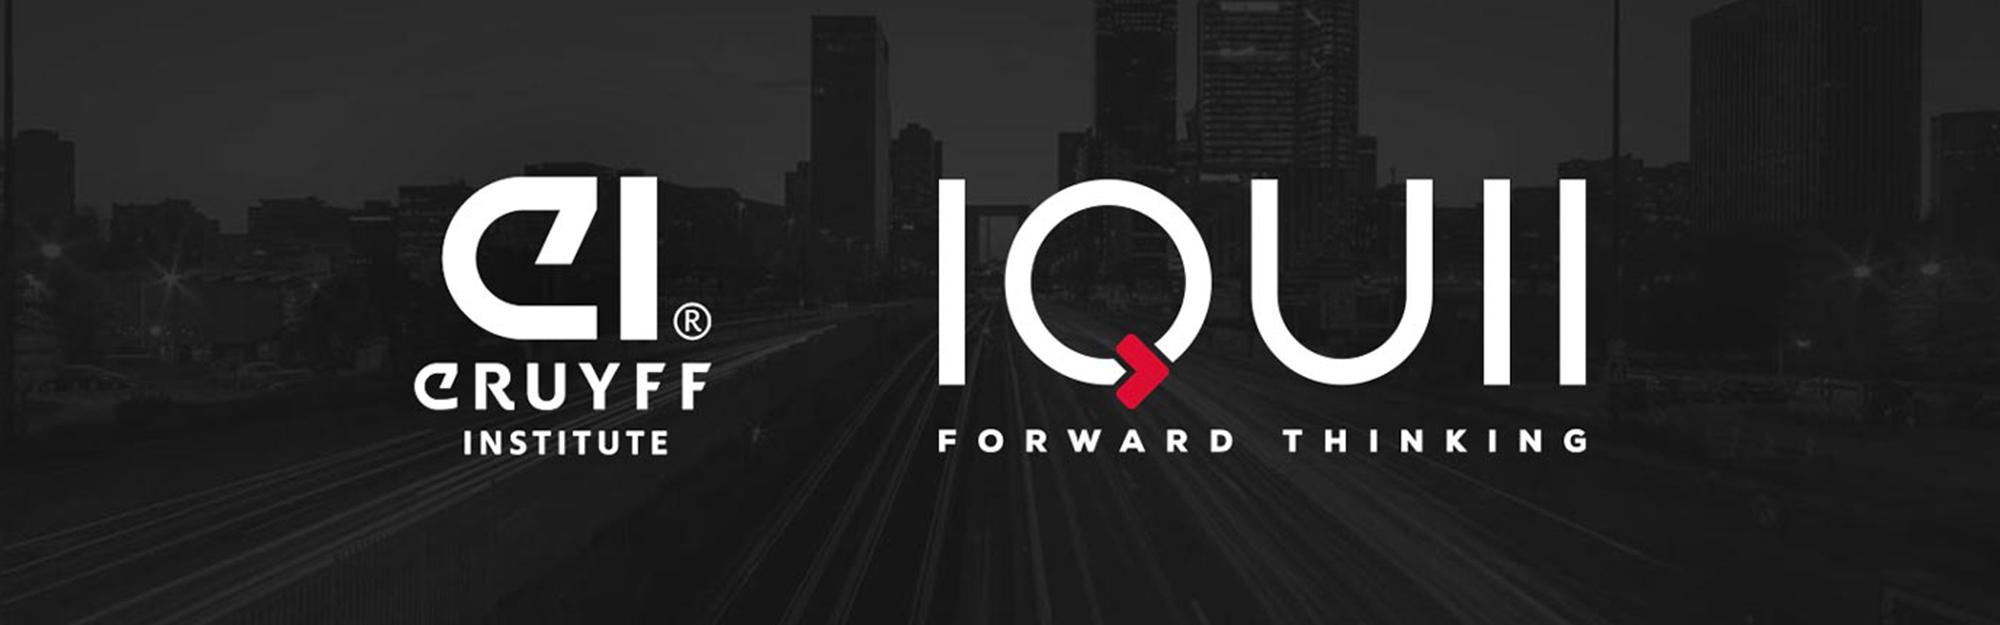 Johan Cruyff Institute ed IQUII stringono la partnership per l'evoluzione della Sport Industry, tra formazione e business